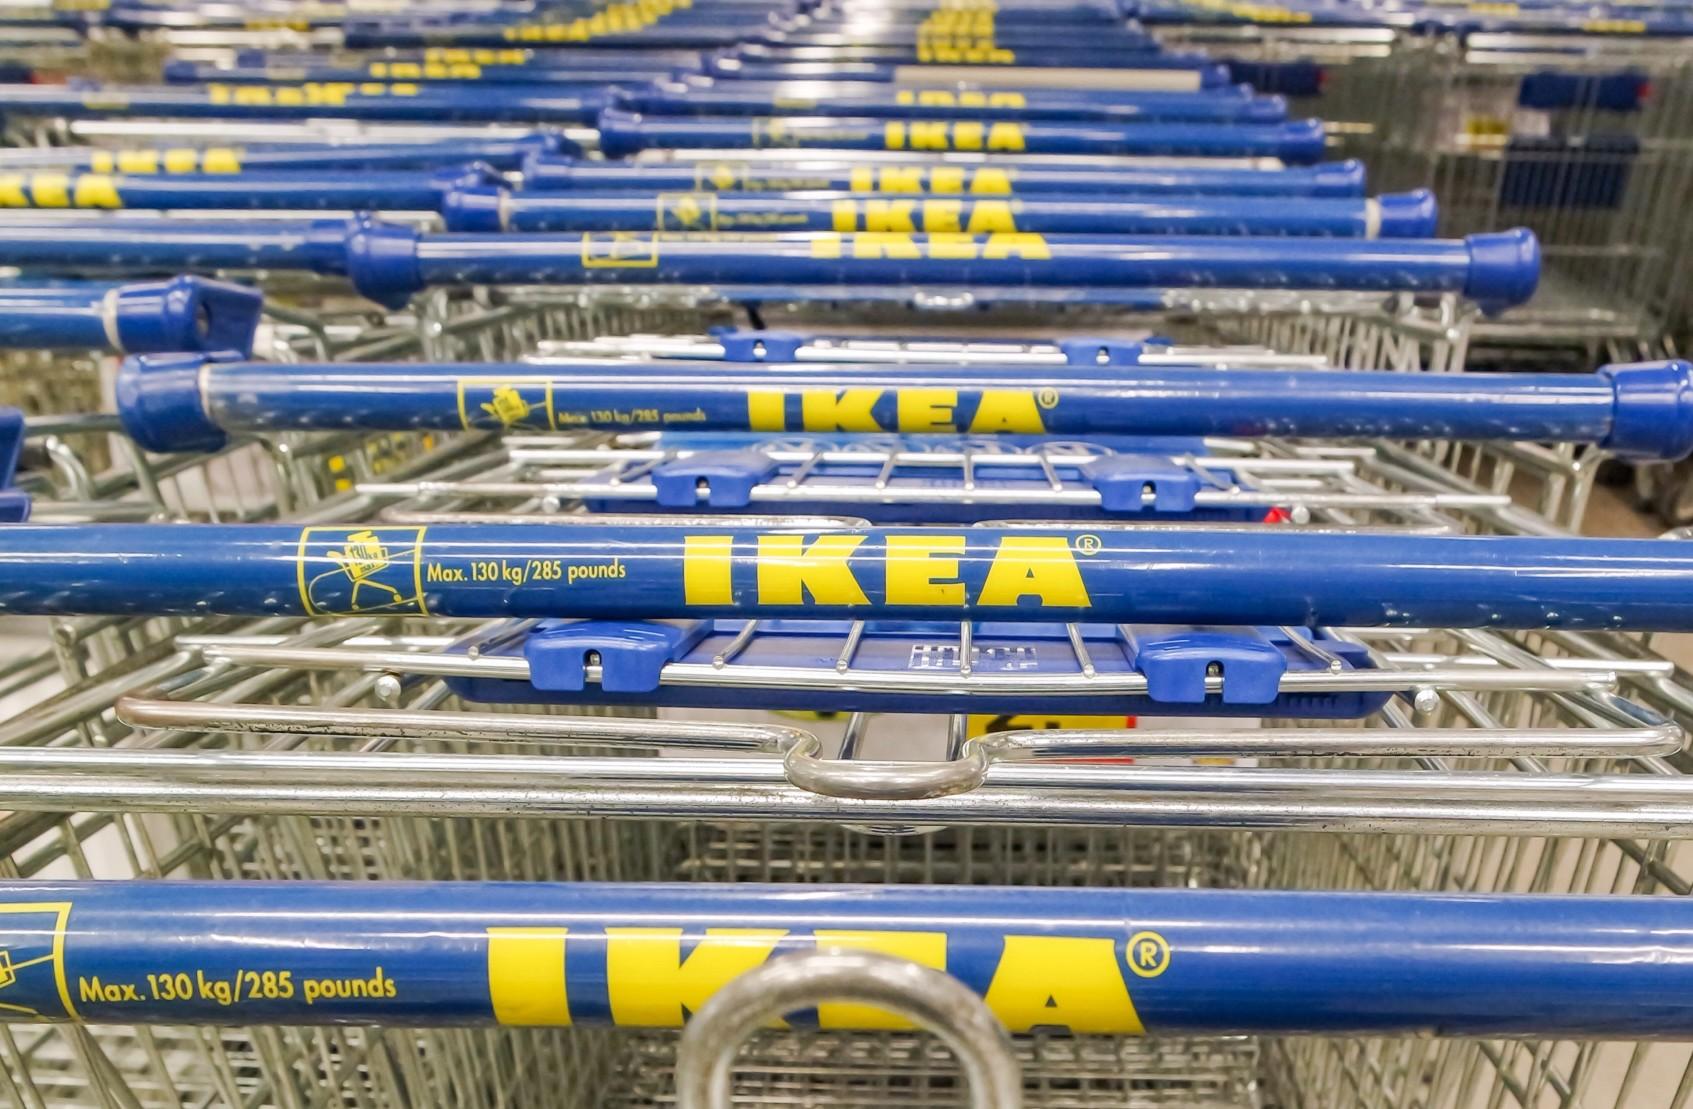 shopping-cart-ikea-shopping_t20_loNmbm